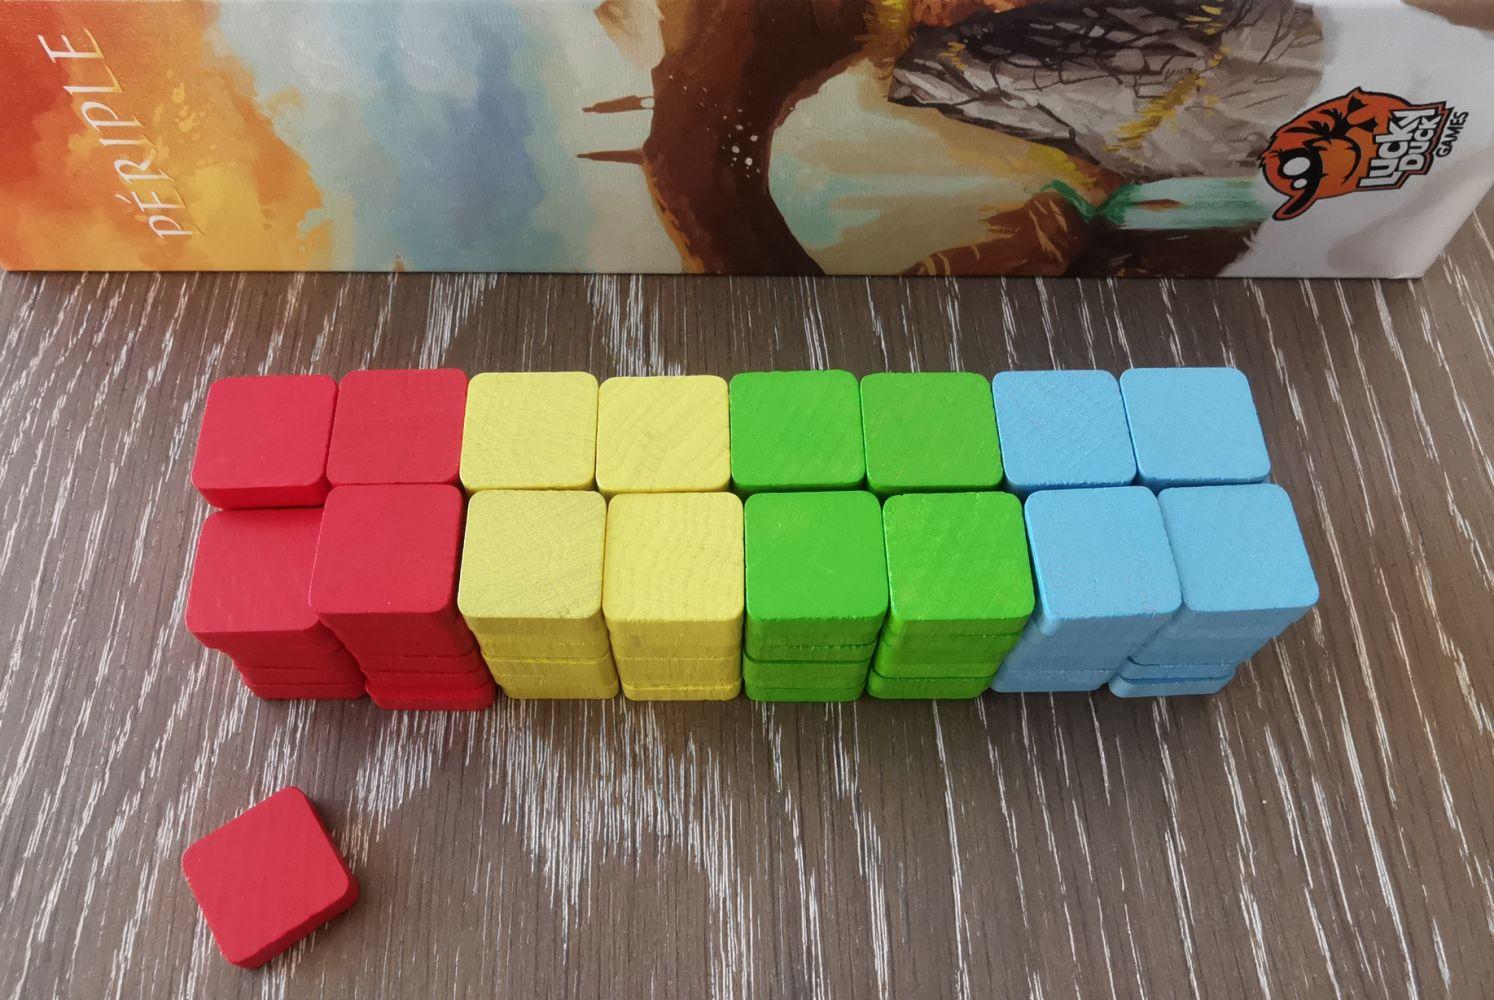 Les marqueurs : 24 par joueurs …  statistiquement suffisant pour un territoire de 36 cases mais compliqué si on joue avec l'empilement.